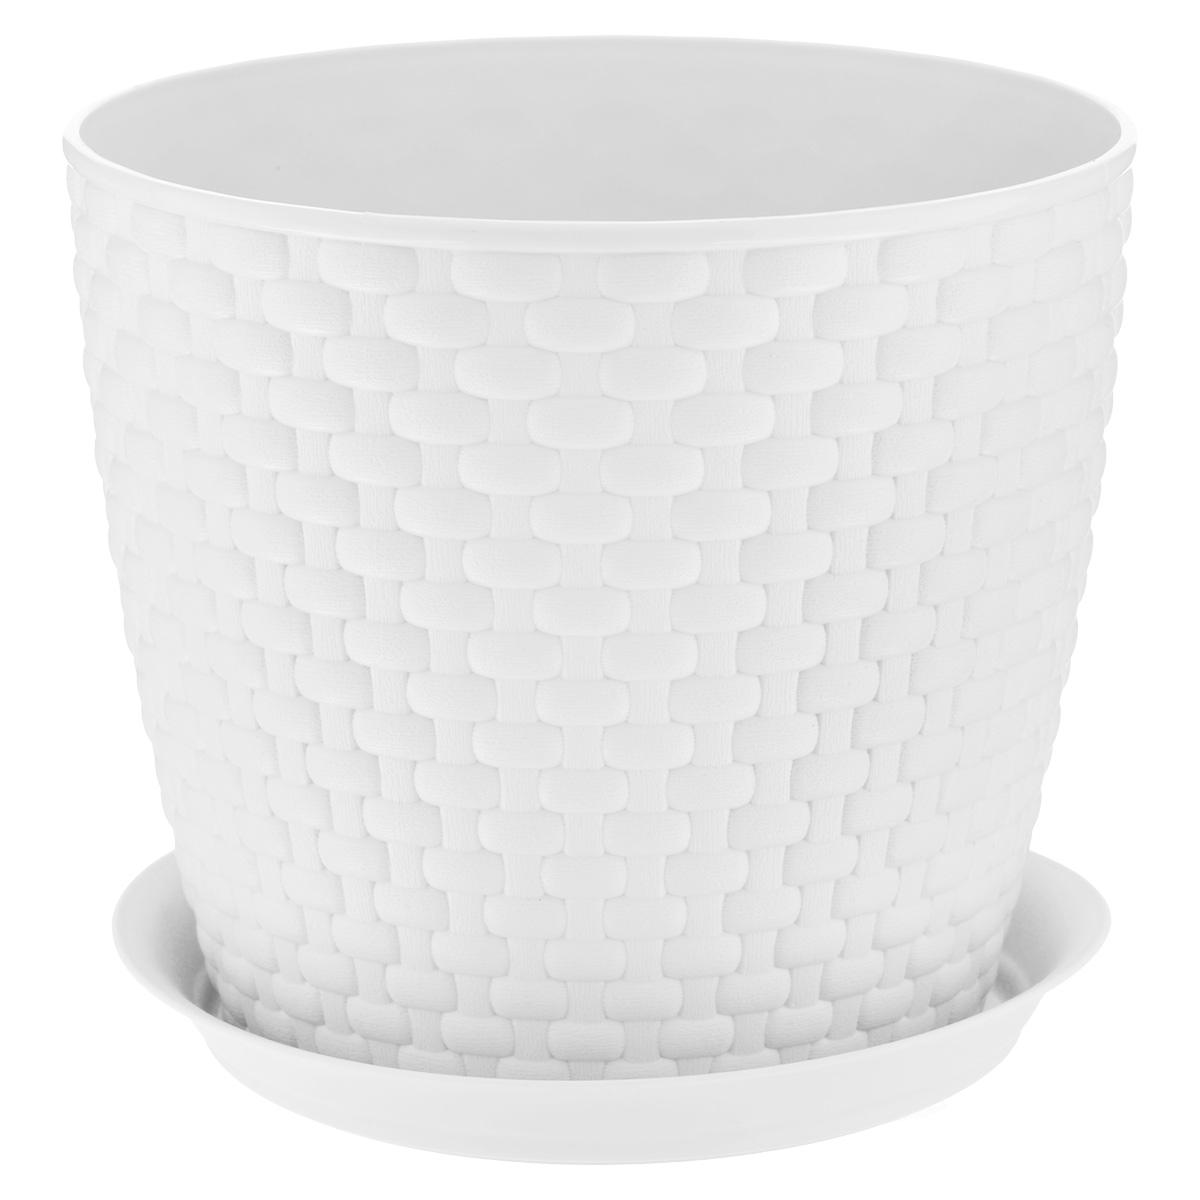 Кашпо Idea Ротанг, с поддоном, цвет: белый, 3 лМ 3082Кашпо Idea Ротанг изготовлено из высококачественного пластика. Специальный поддон предназначен для стока воды. Изделие прекрасно подходит для выращивания растений и цветов в домашних условиях. Лаконичный дизайн впишется в интерьер любого помещения. Диаметр поддона: 18 см. Объем кашпо: 3 л. Диаметр кашпо по верхнему краю: 18 см. Высота кашпо: 16 см.